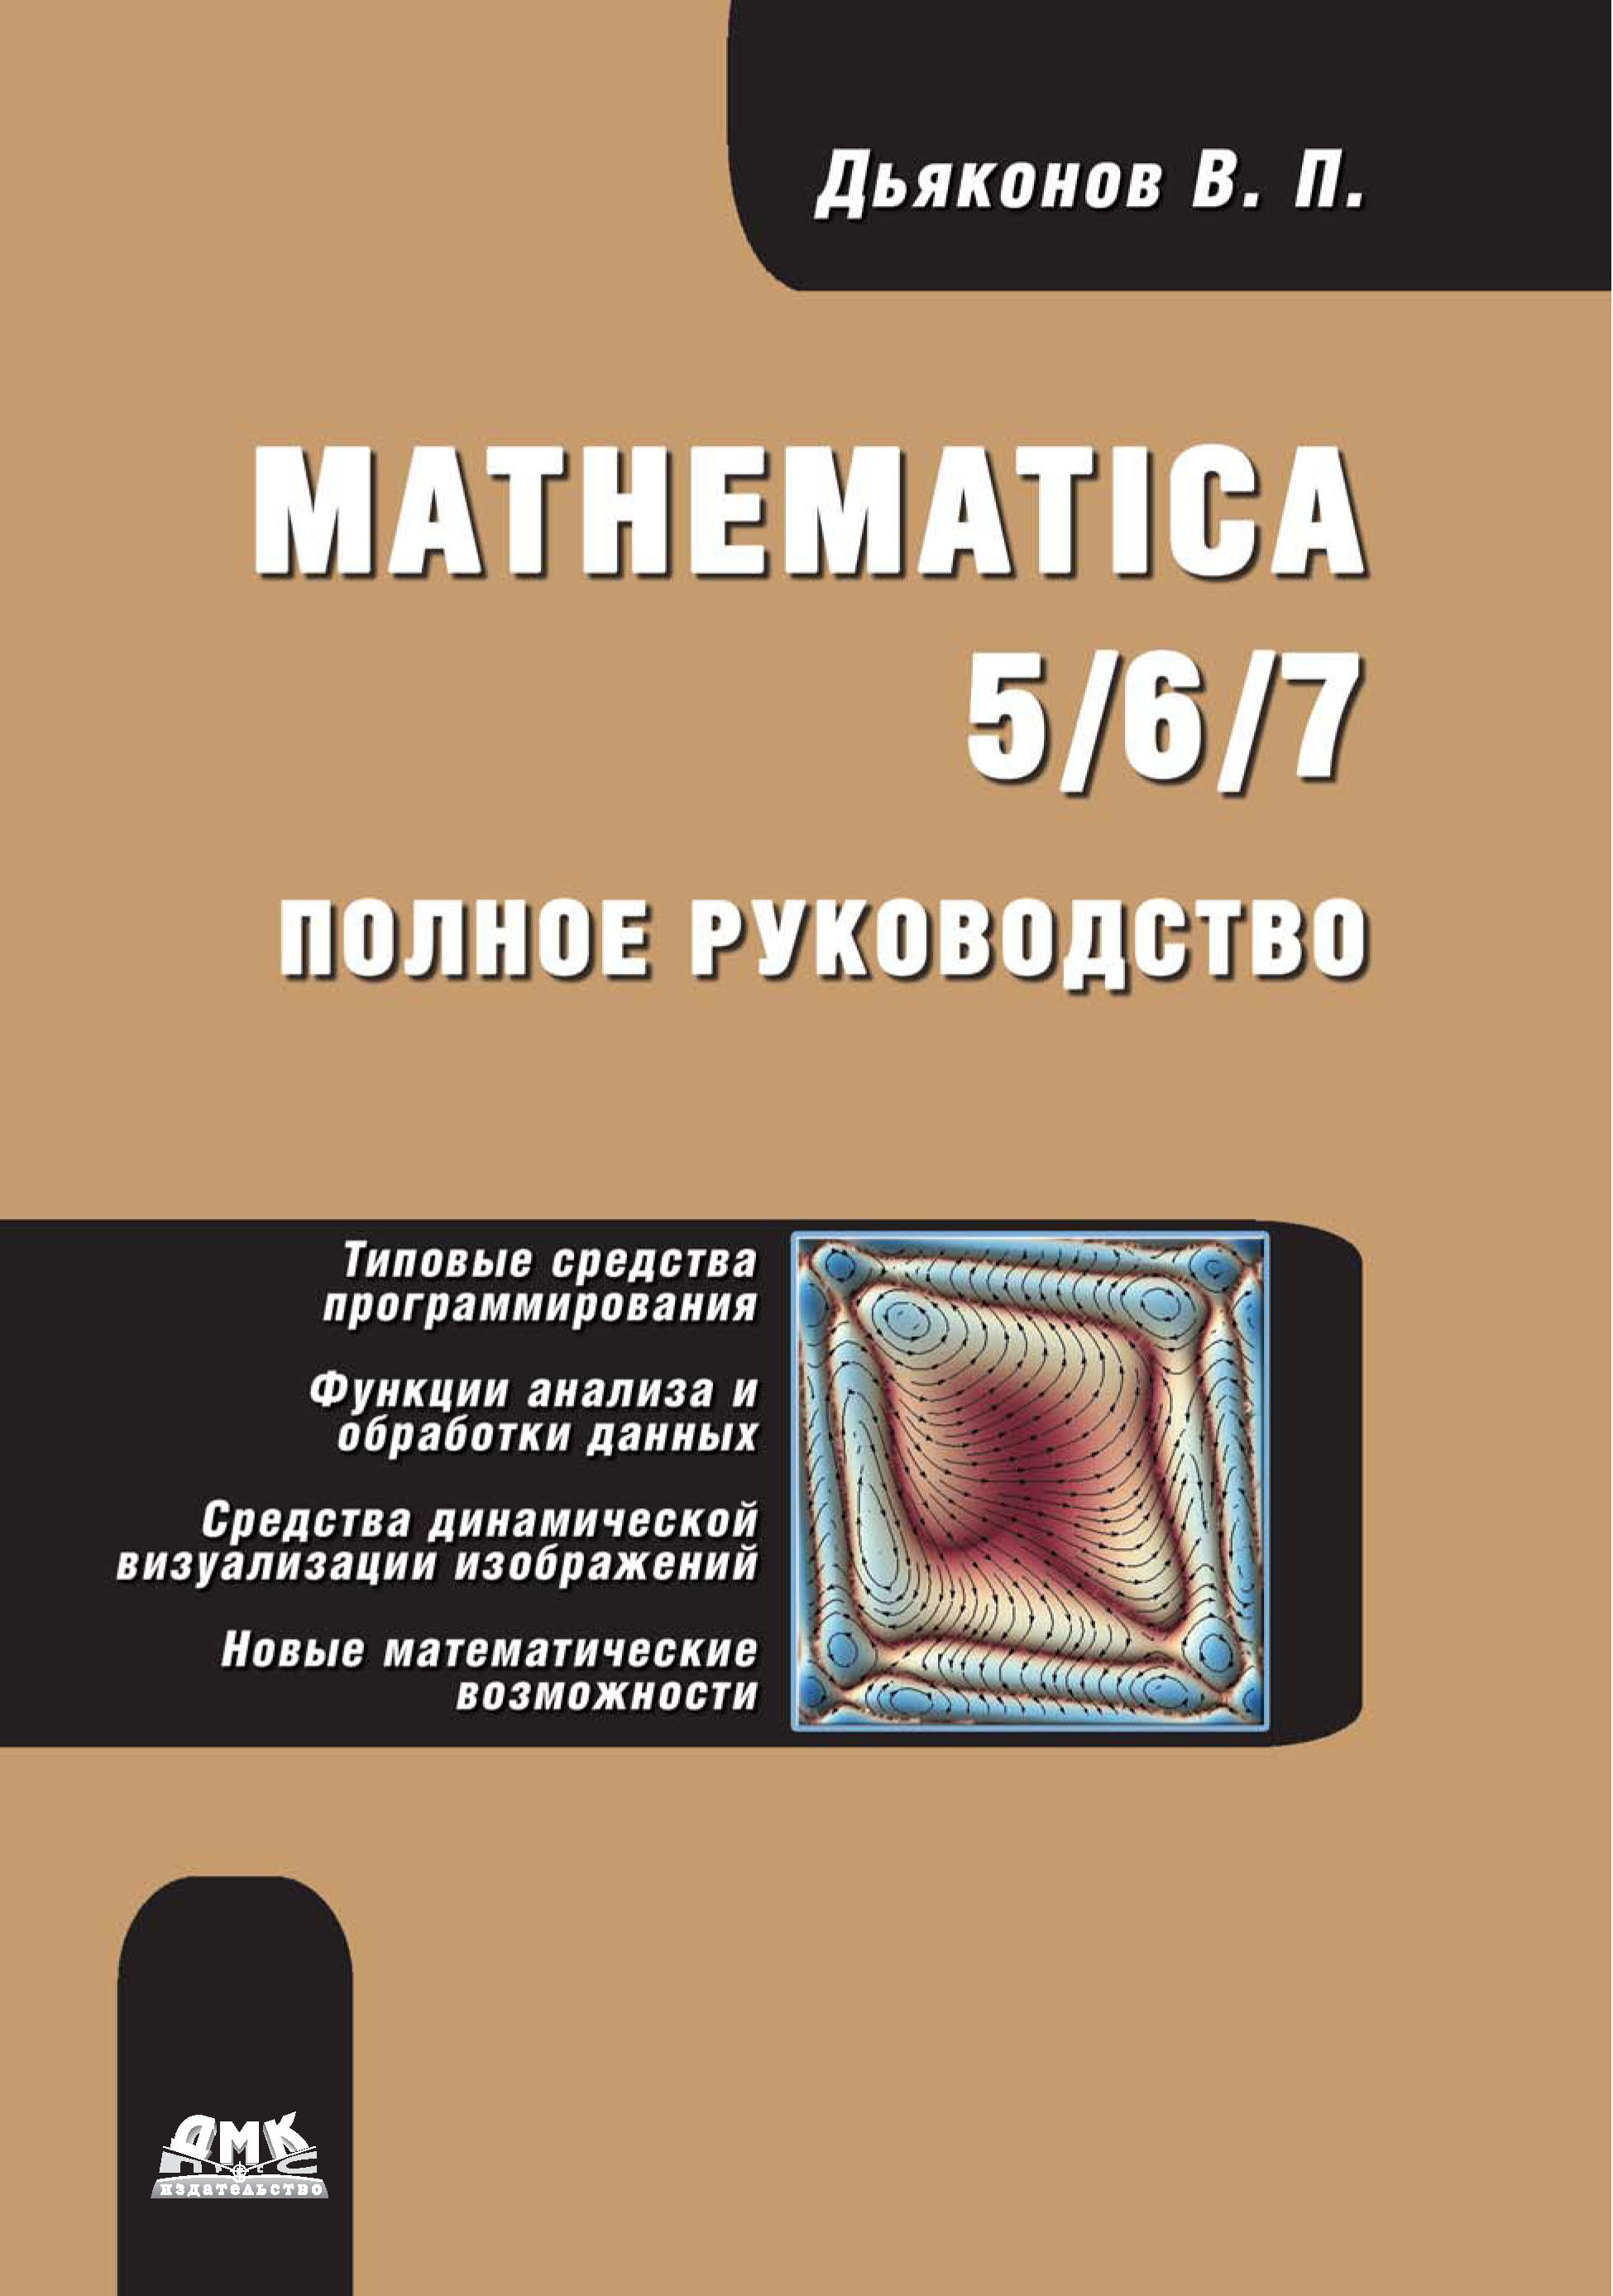 цена В. П. Дьяконов Mathematica 5/6/7. Полное руководство